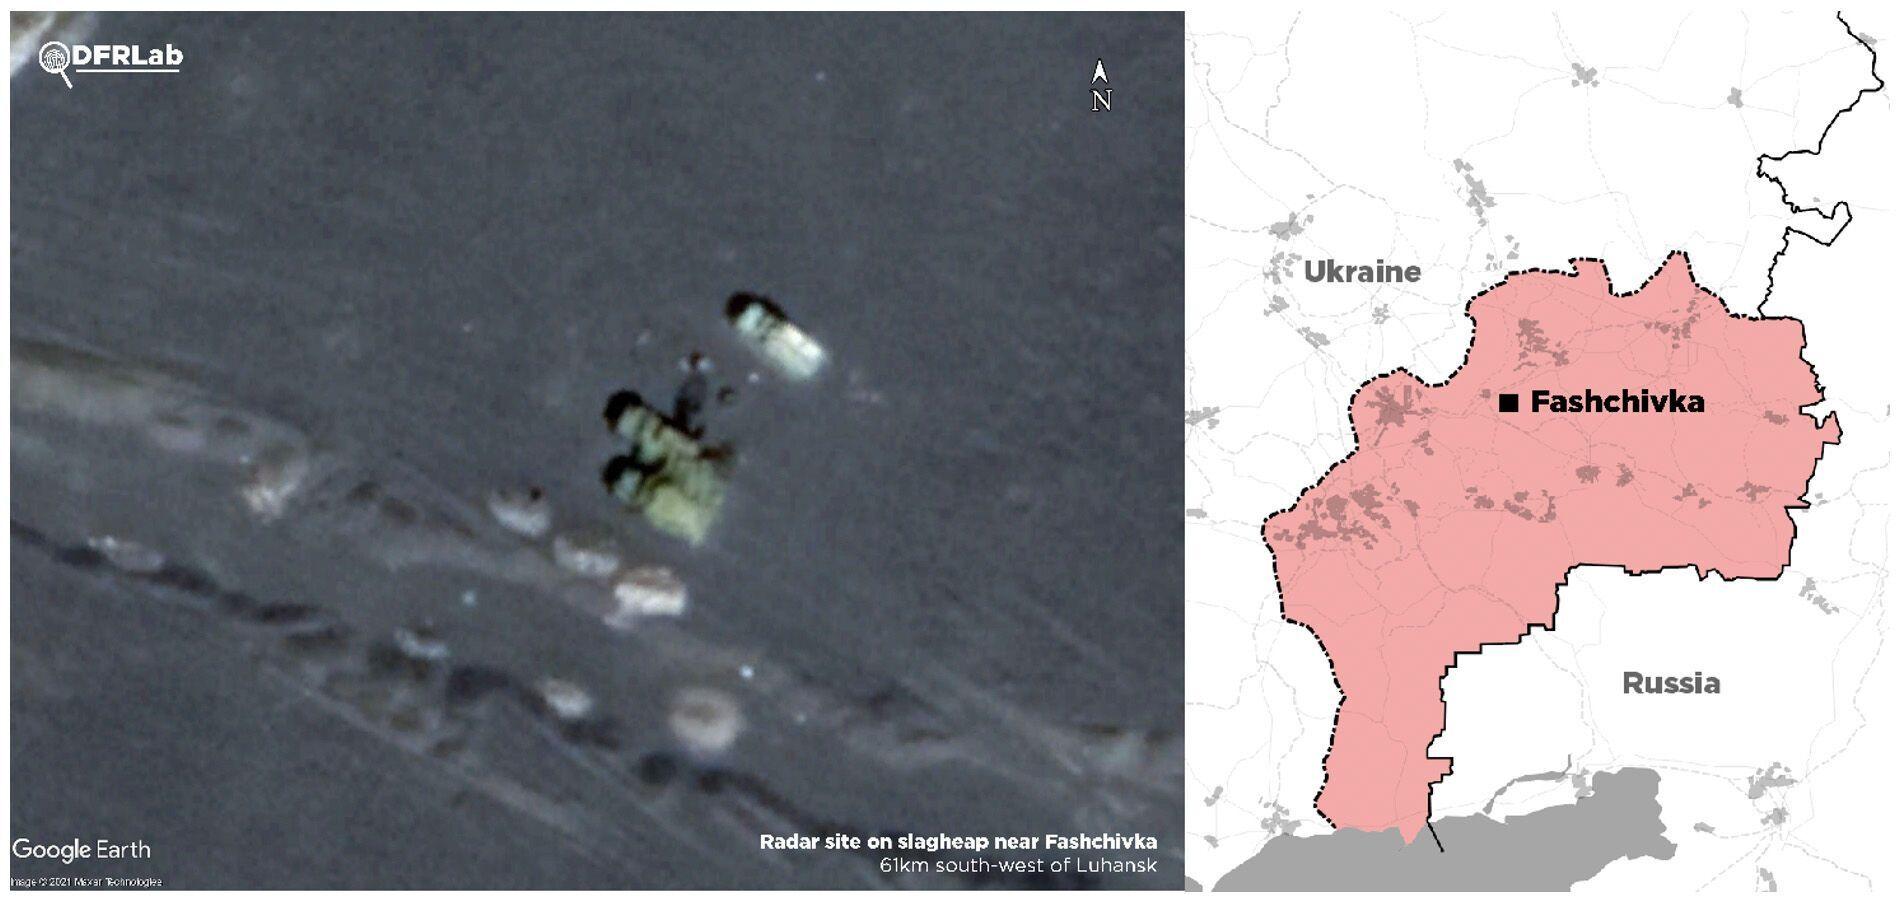 Супутникові знімки радару поблизу Фащівки, за даними СММ